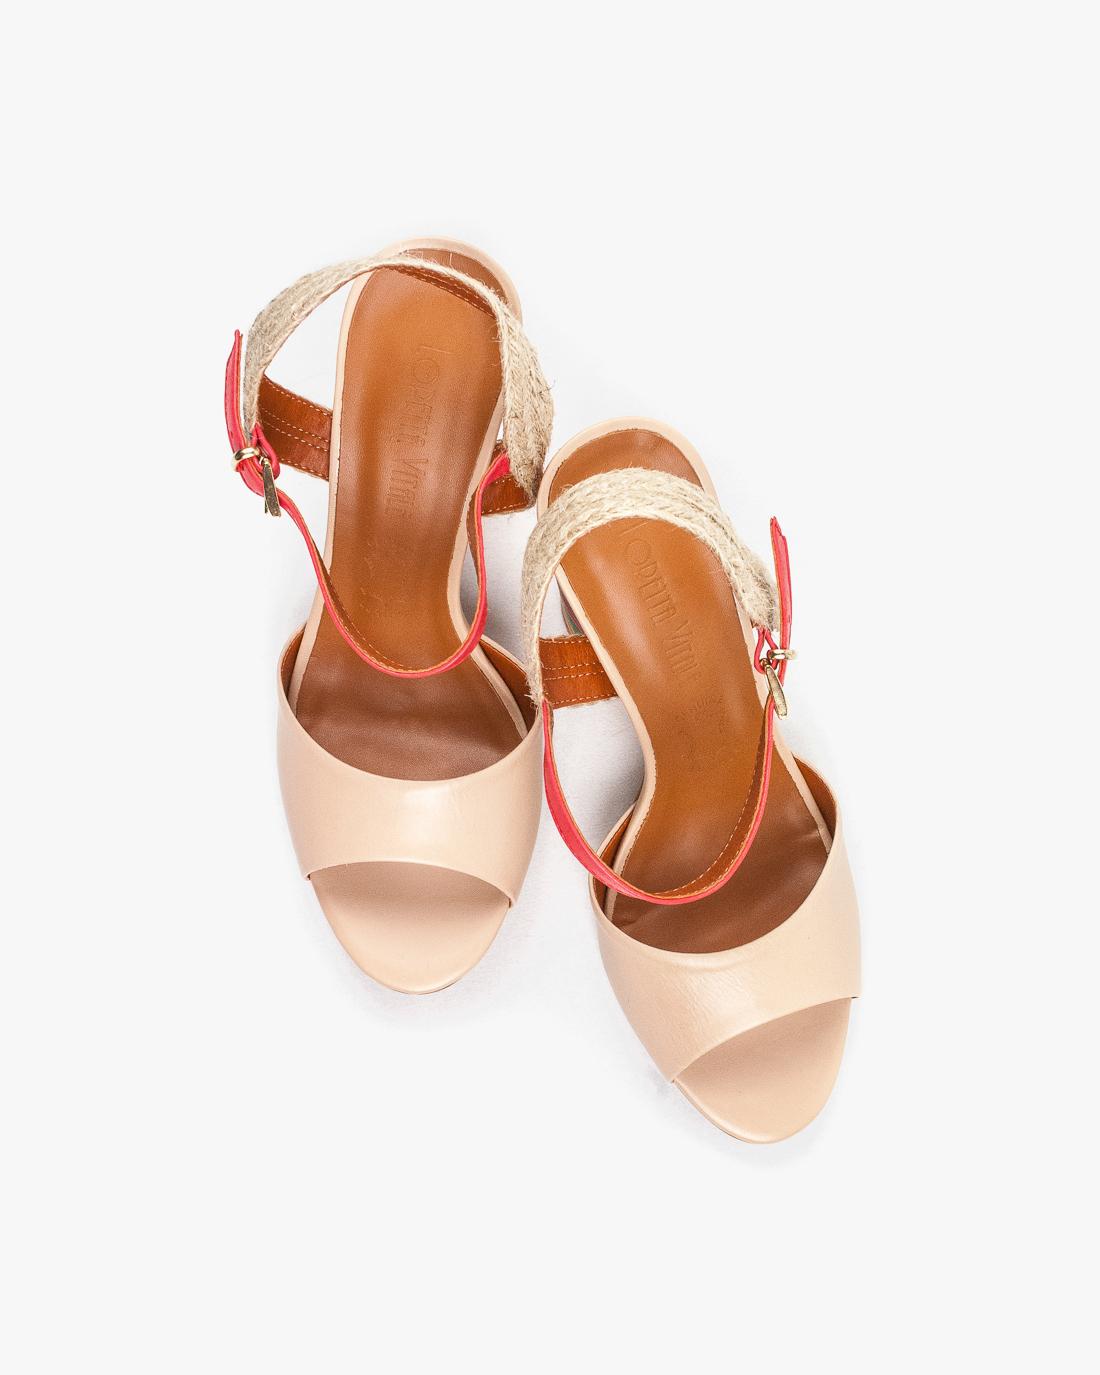 89a952679280b Wielokolorowe sandały damskie skórzane